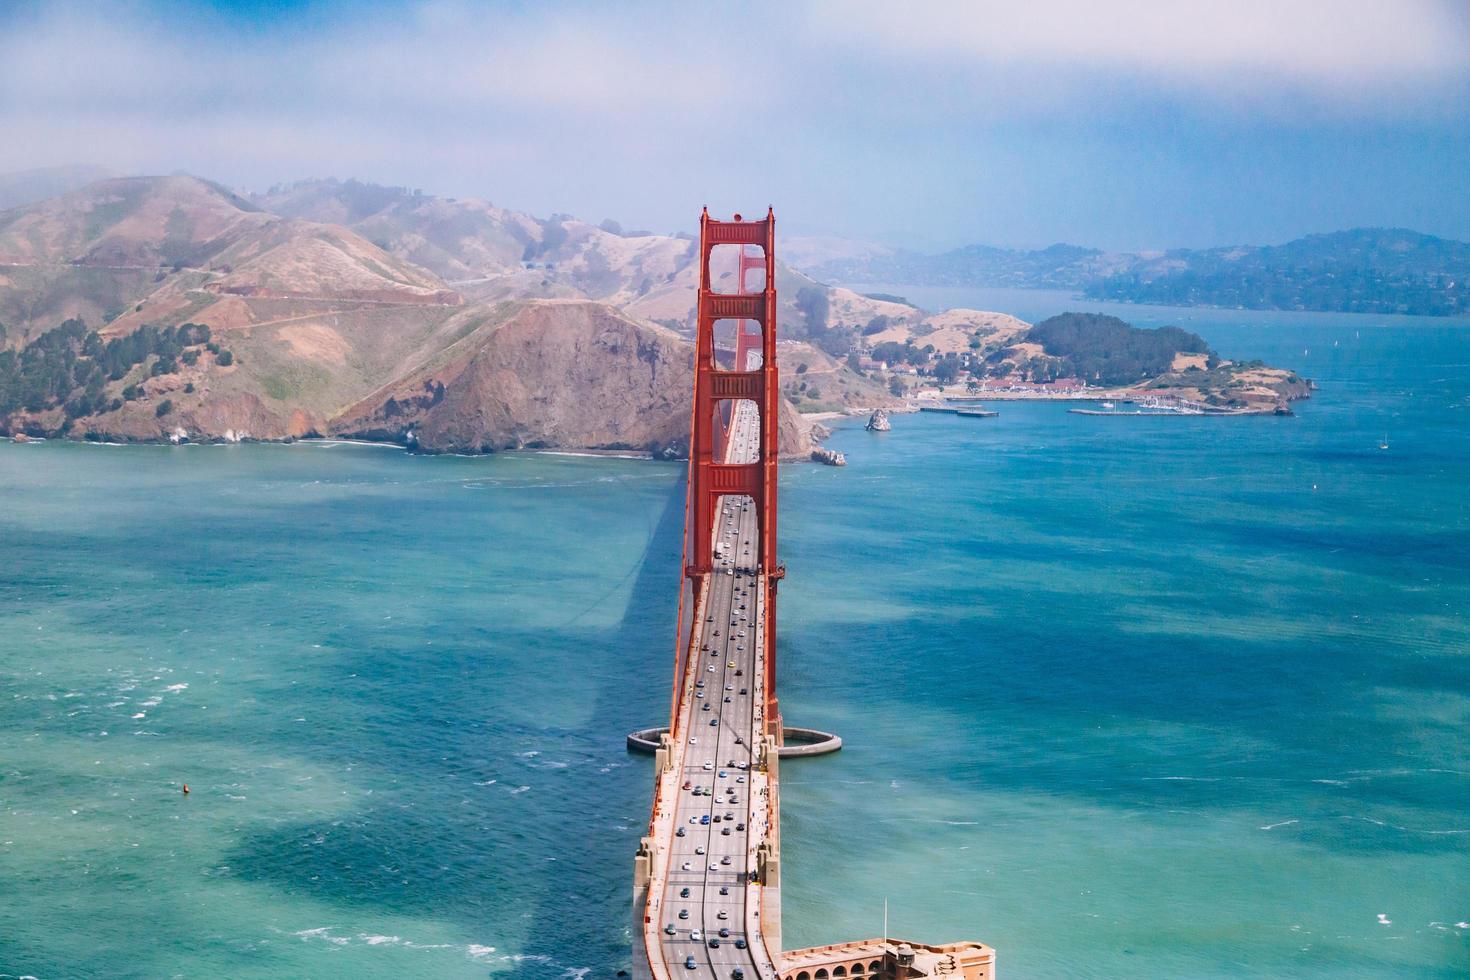 vue aérienne le pont du golden gate pendant la journée photo